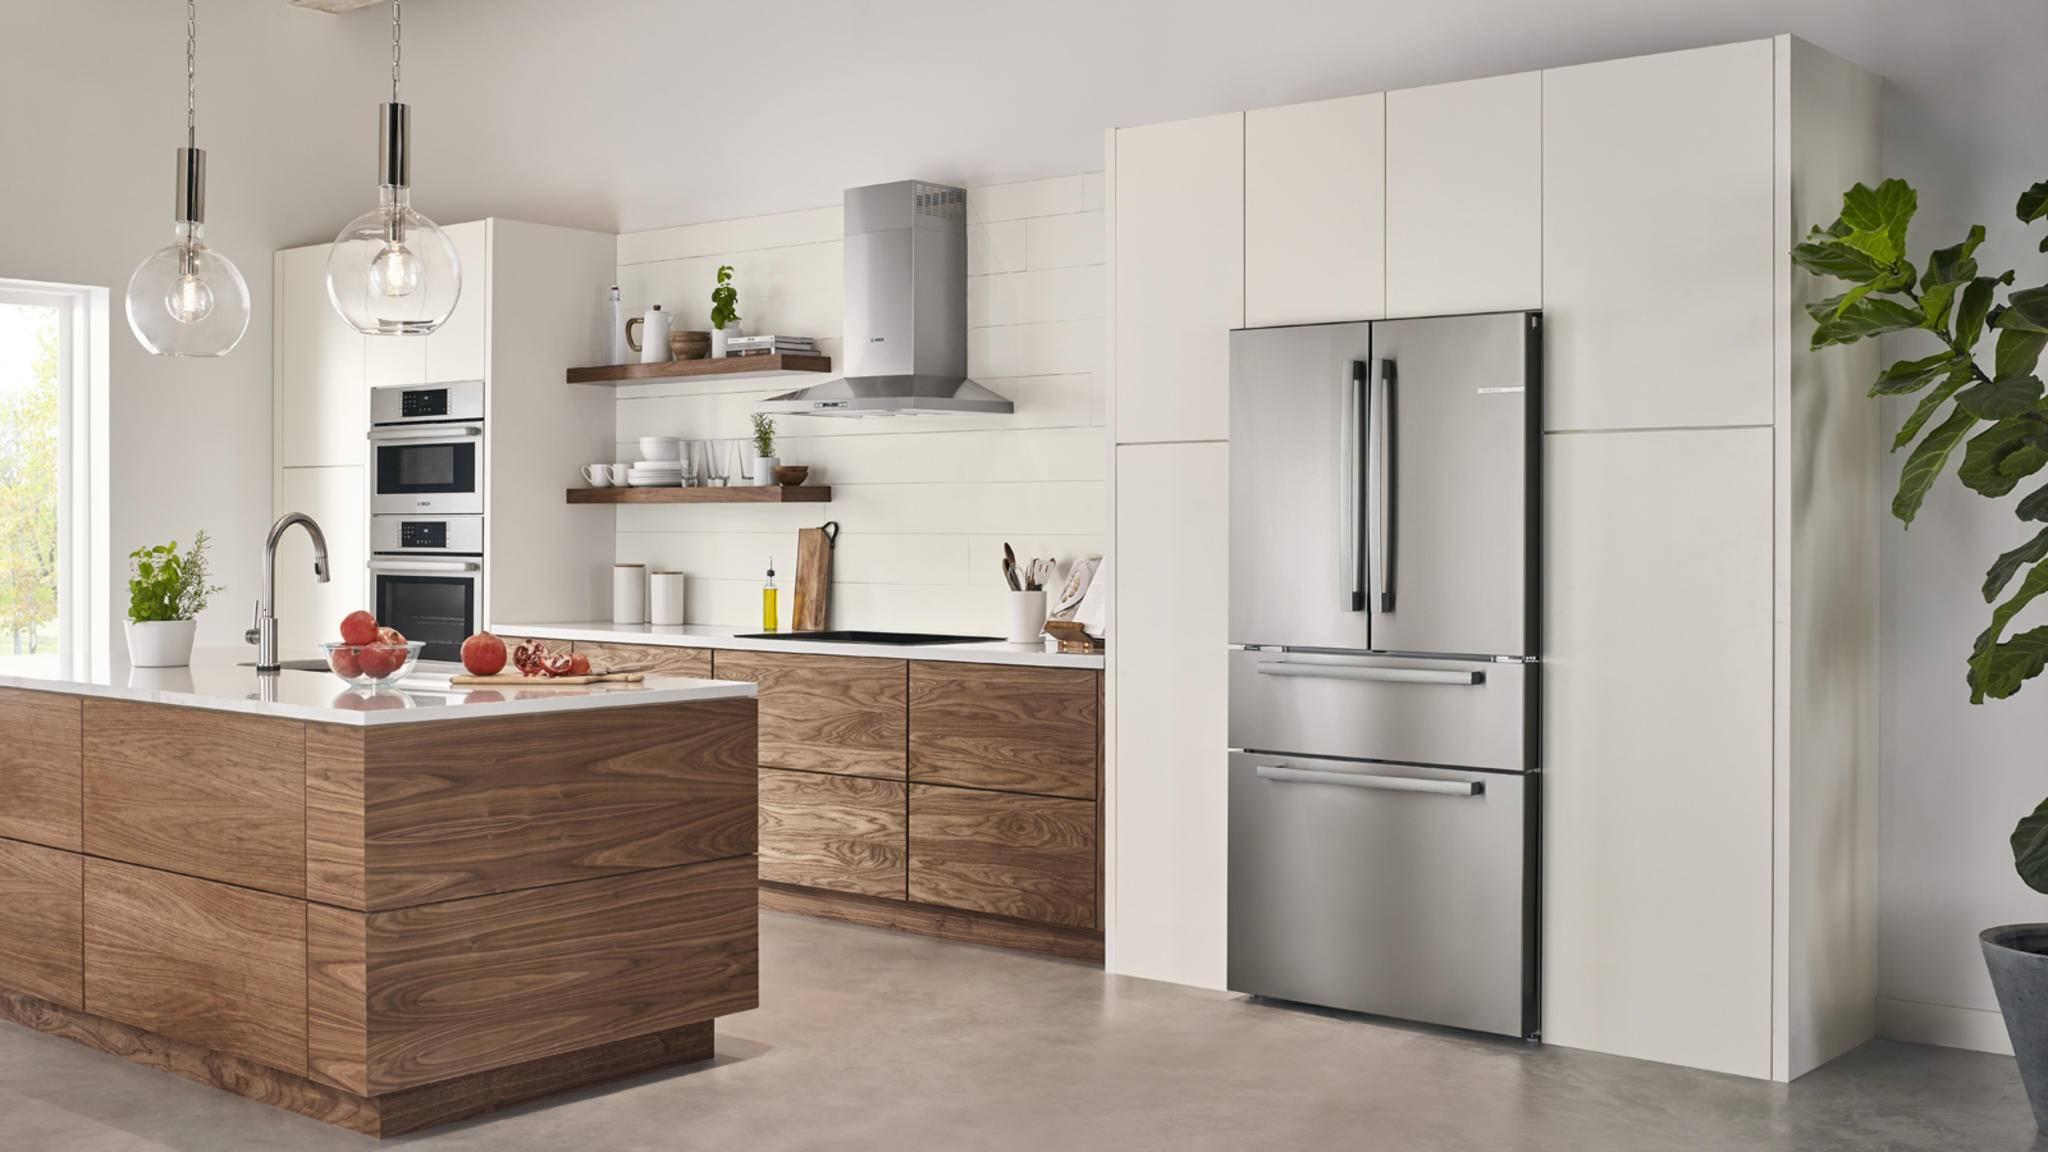 Das Design der French-Door-Kühlschränke fügt sich in jede Küche nahtlos ein.